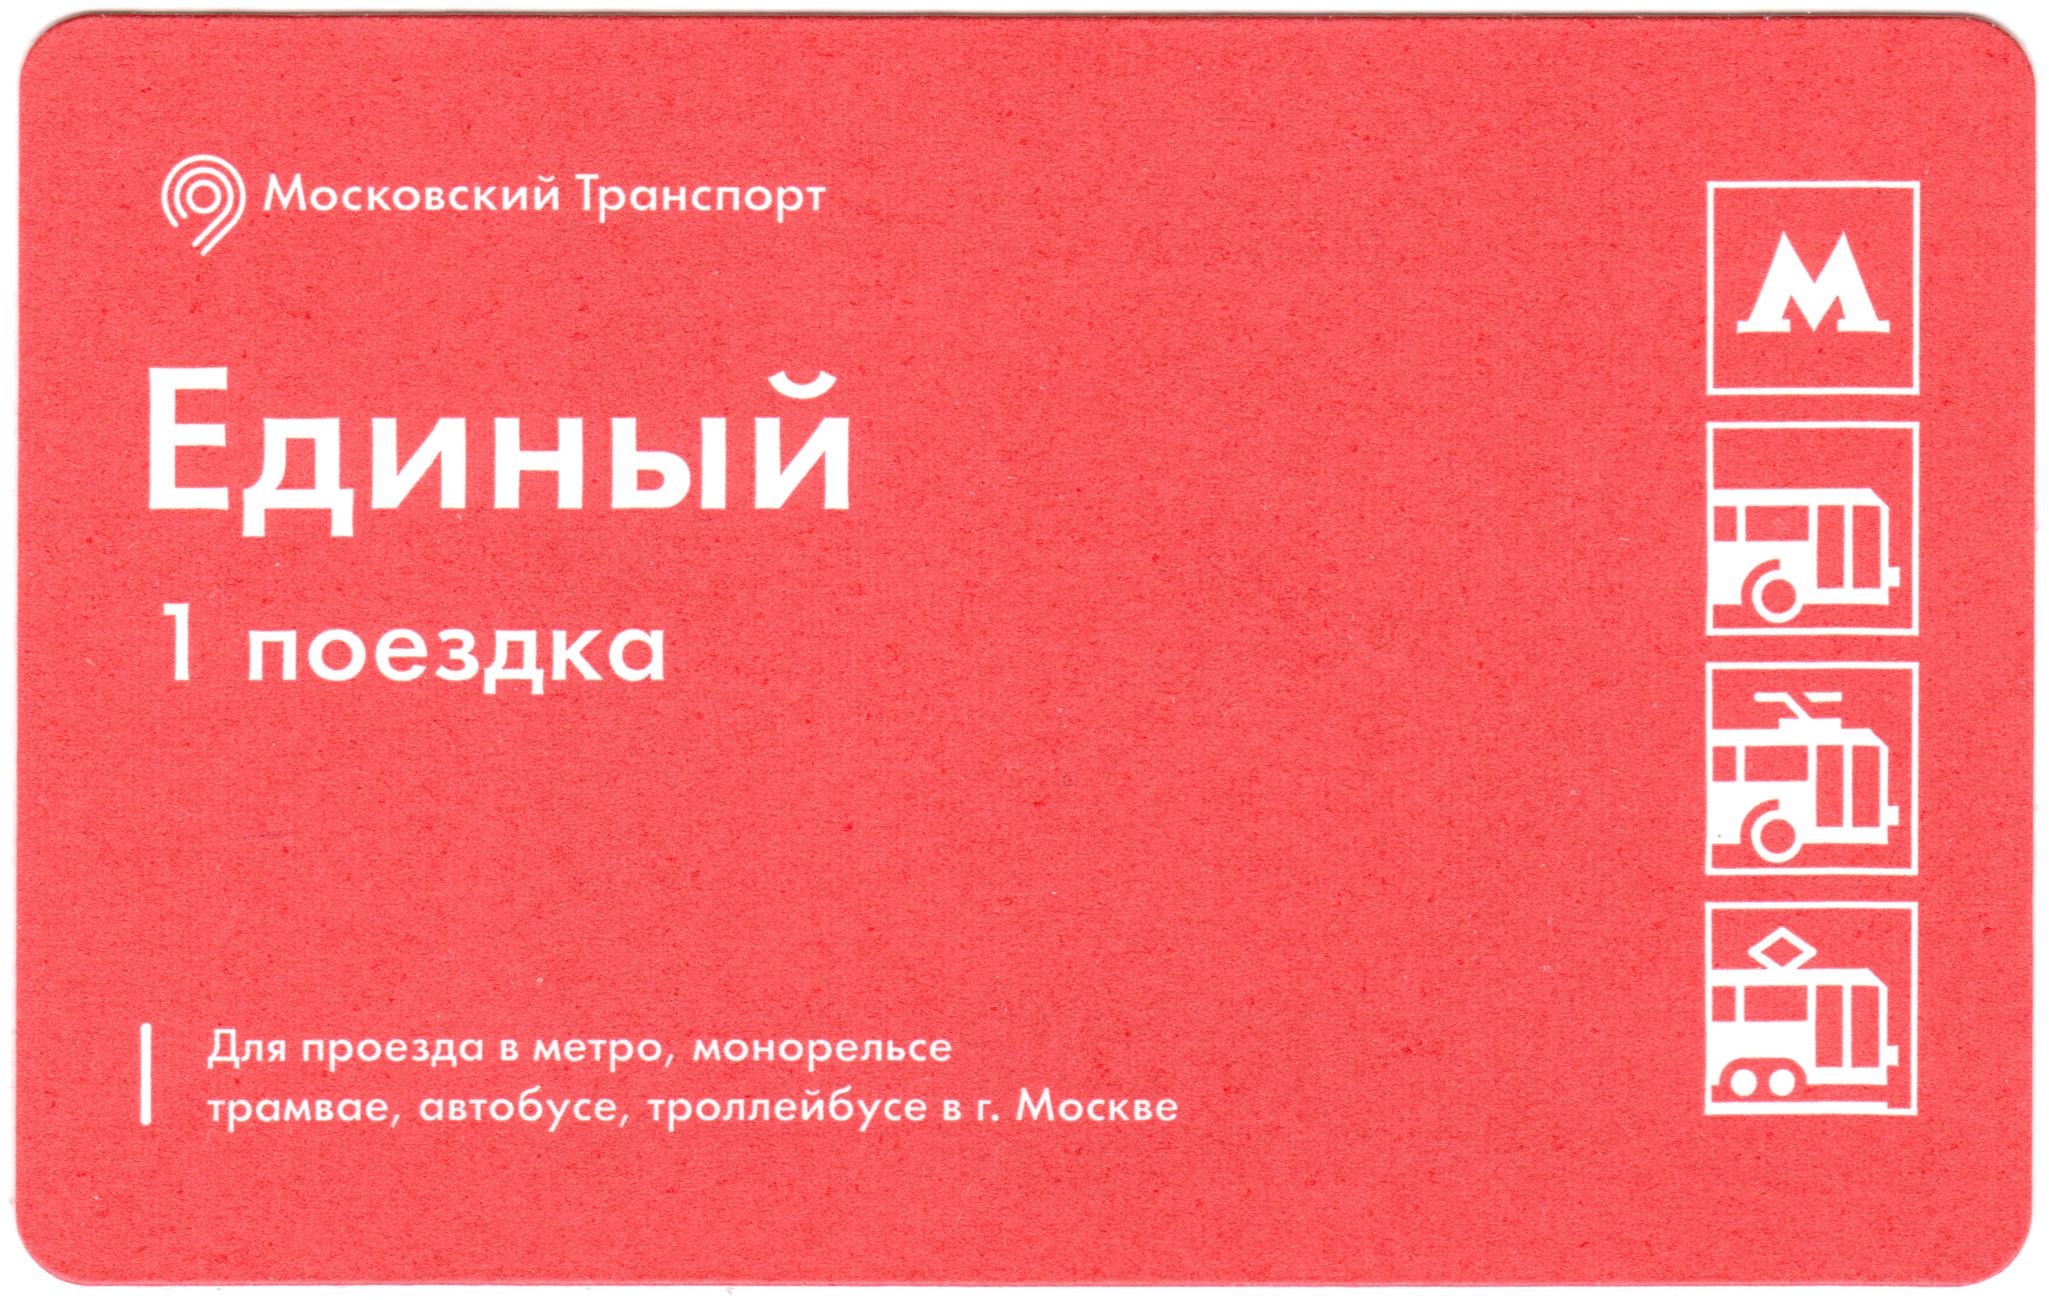 Билеты на самолет до черногории цена